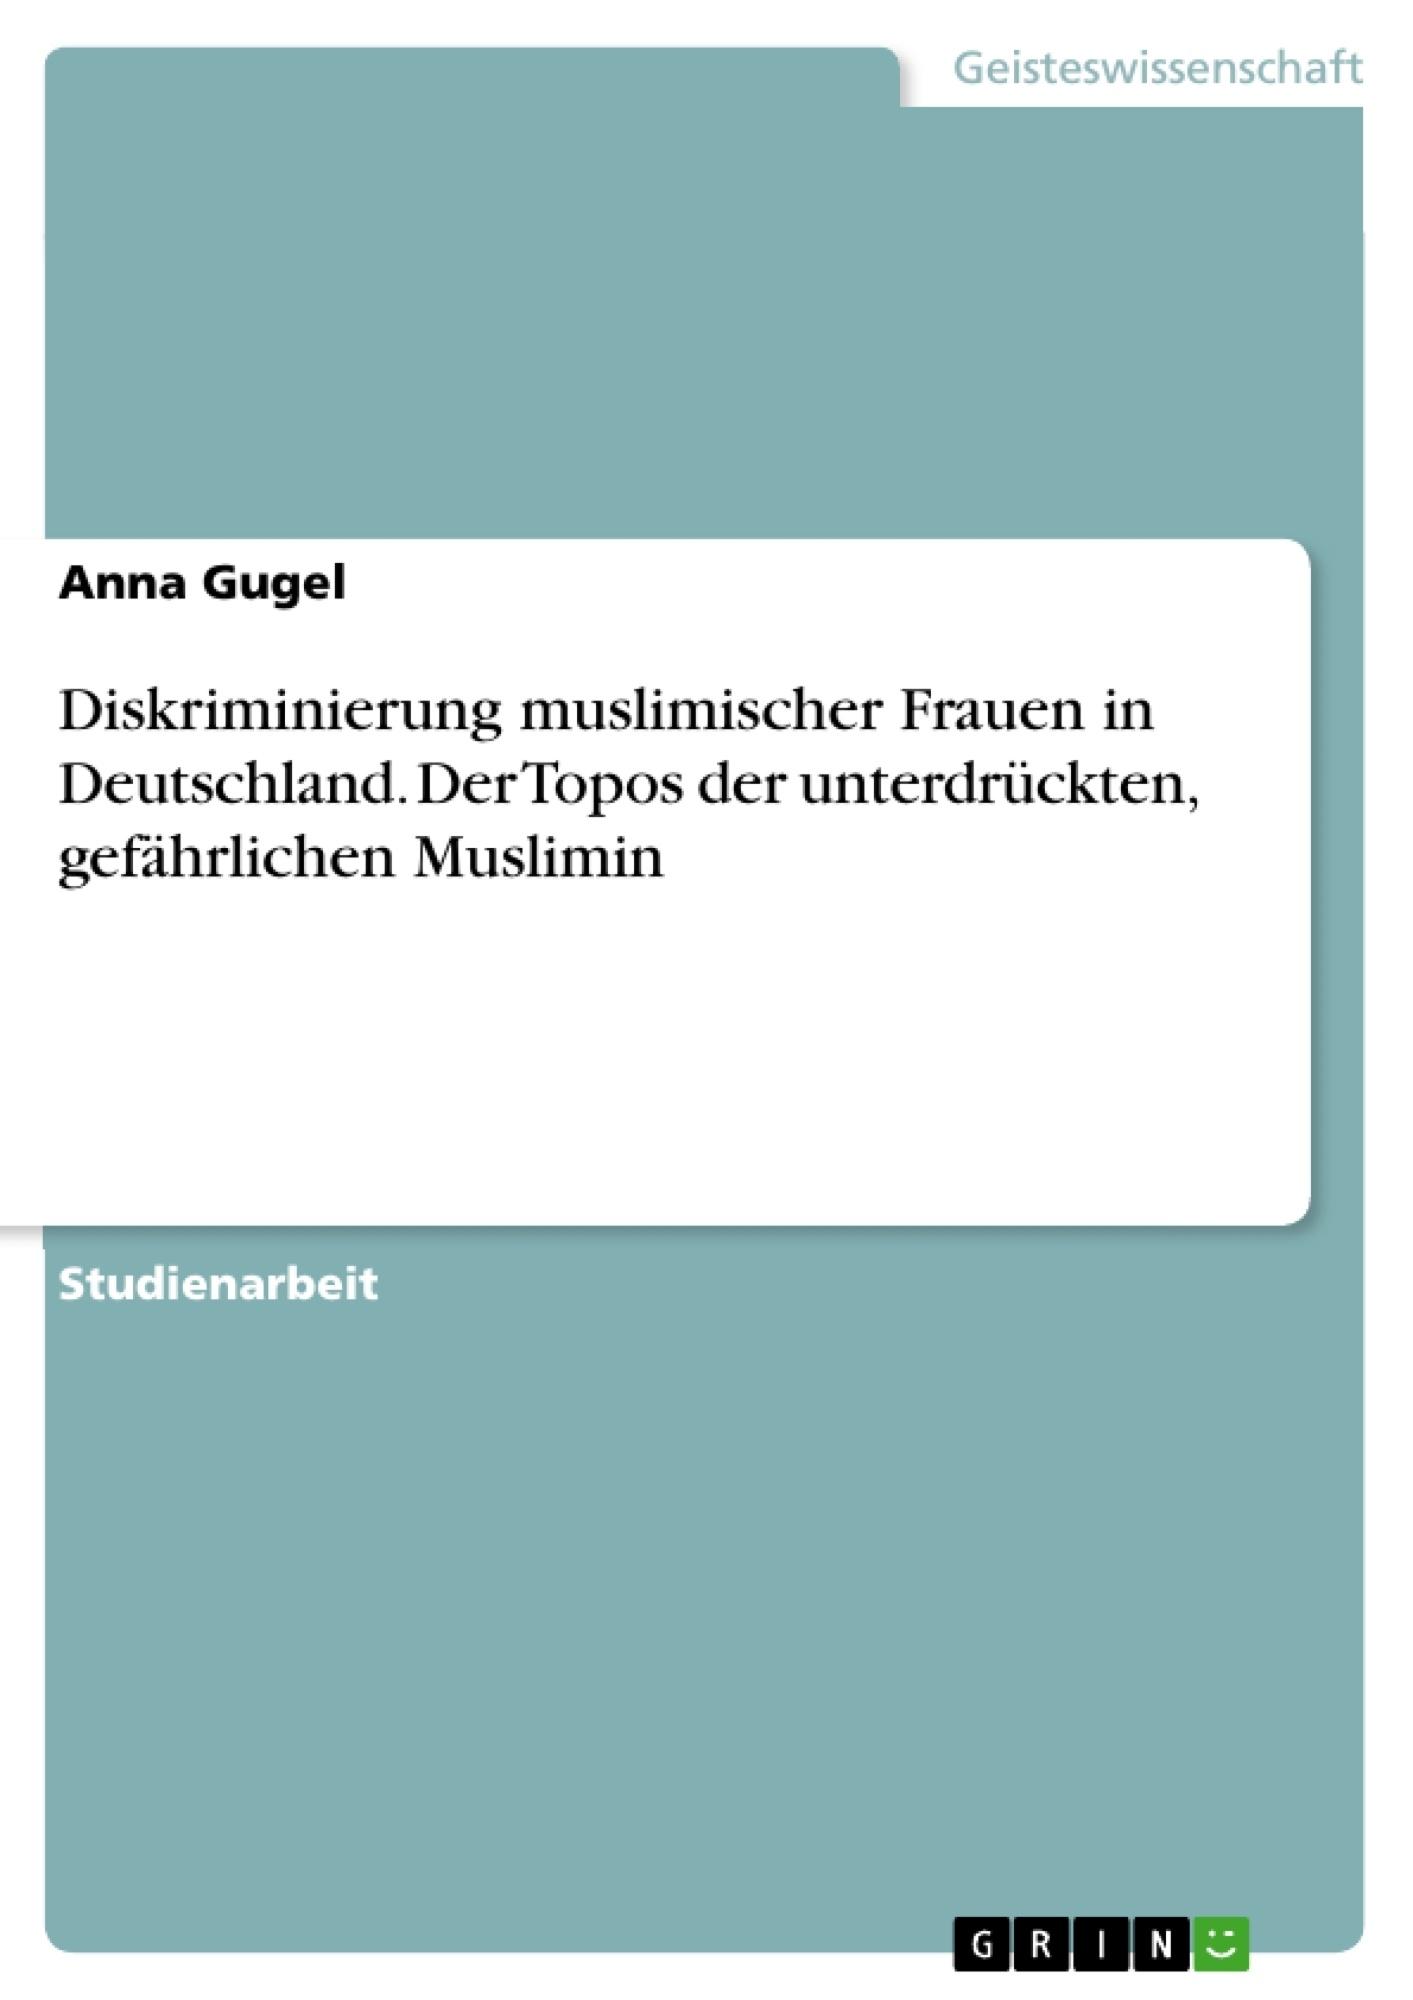 Titel: Diskriminierung muslimischer Frauen in Deutschland. Der Topos der unterdrückten, gefährlichen Muslimin